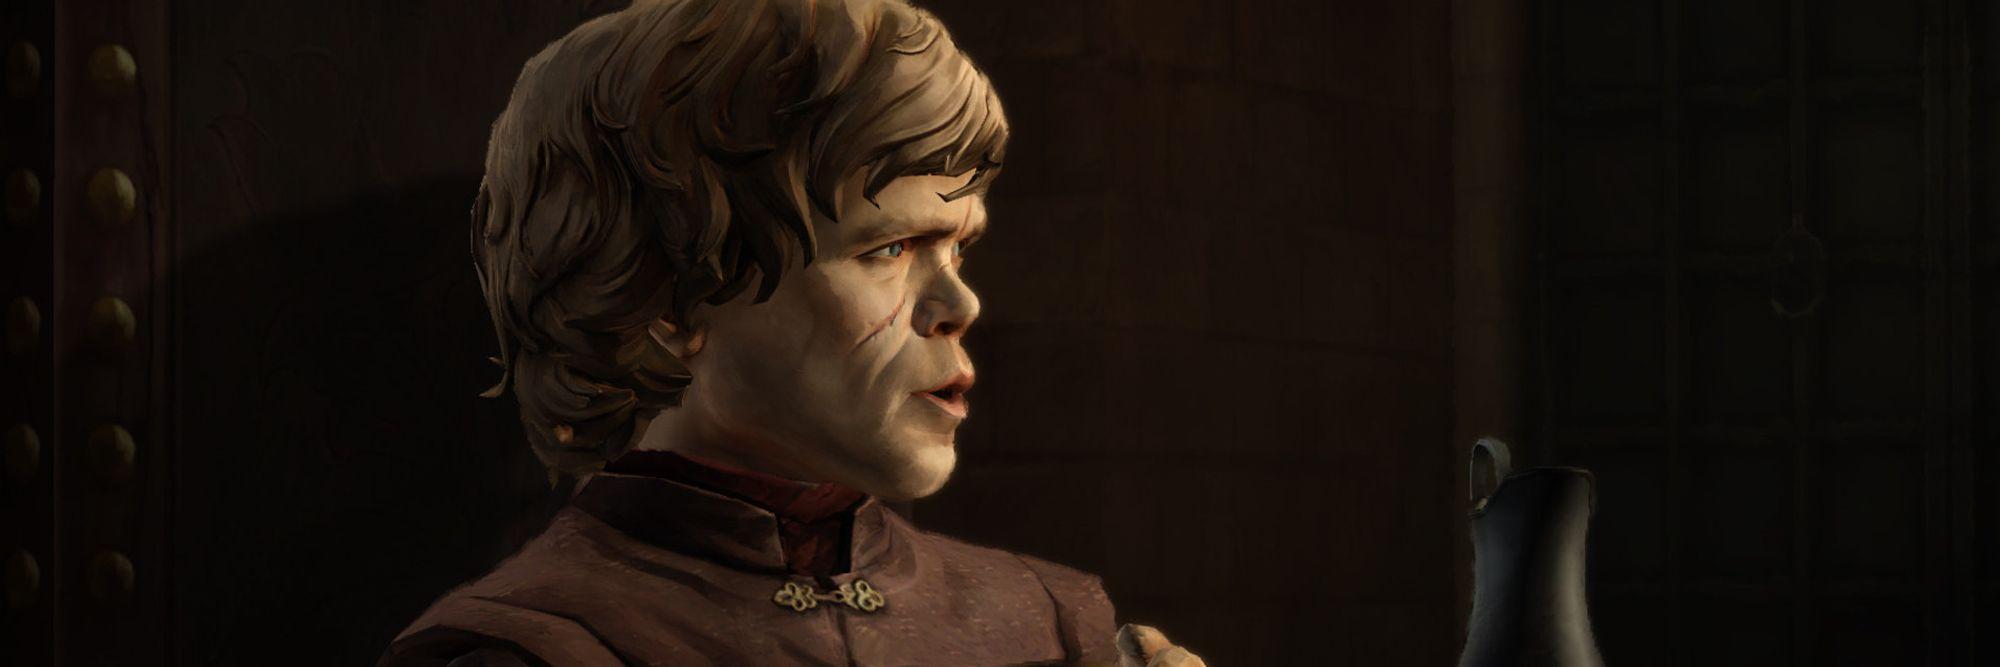 Les Telltales Game of Thrones kommer neste uke